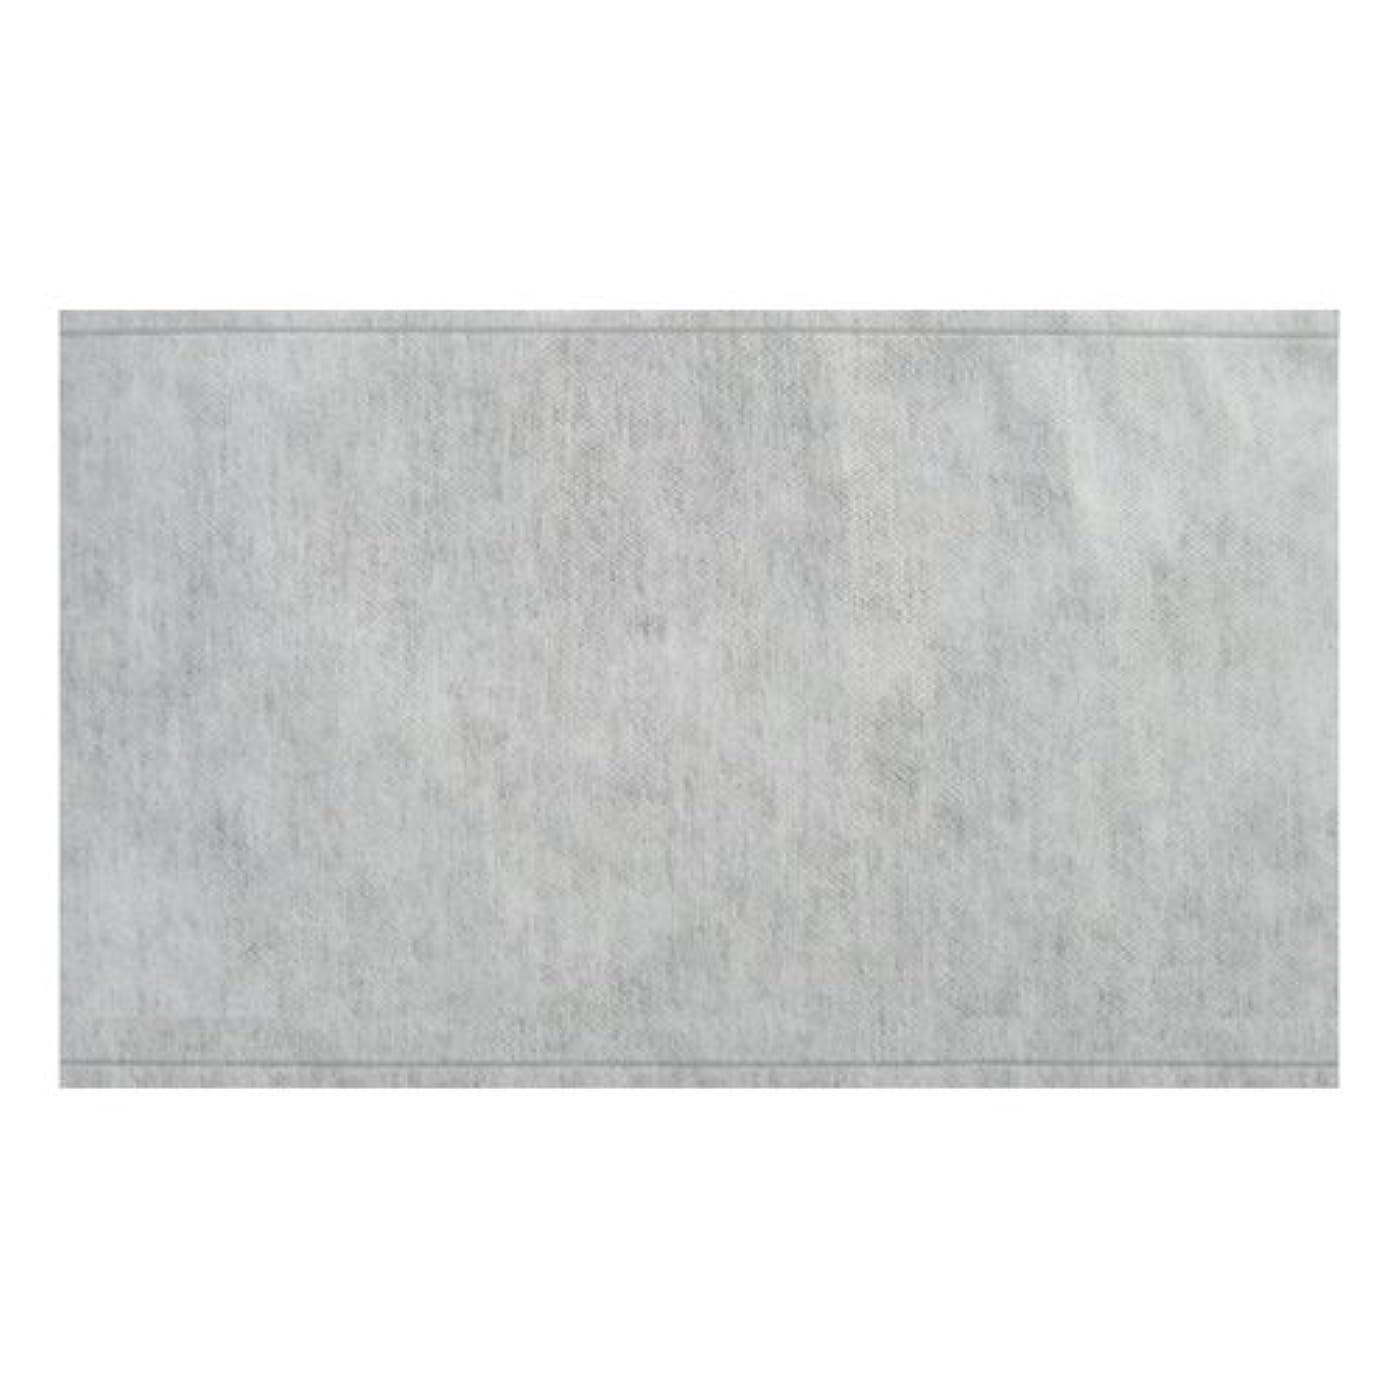 エイリアス屋内おもちゃ不織布袋 E (25-35) 2000枚